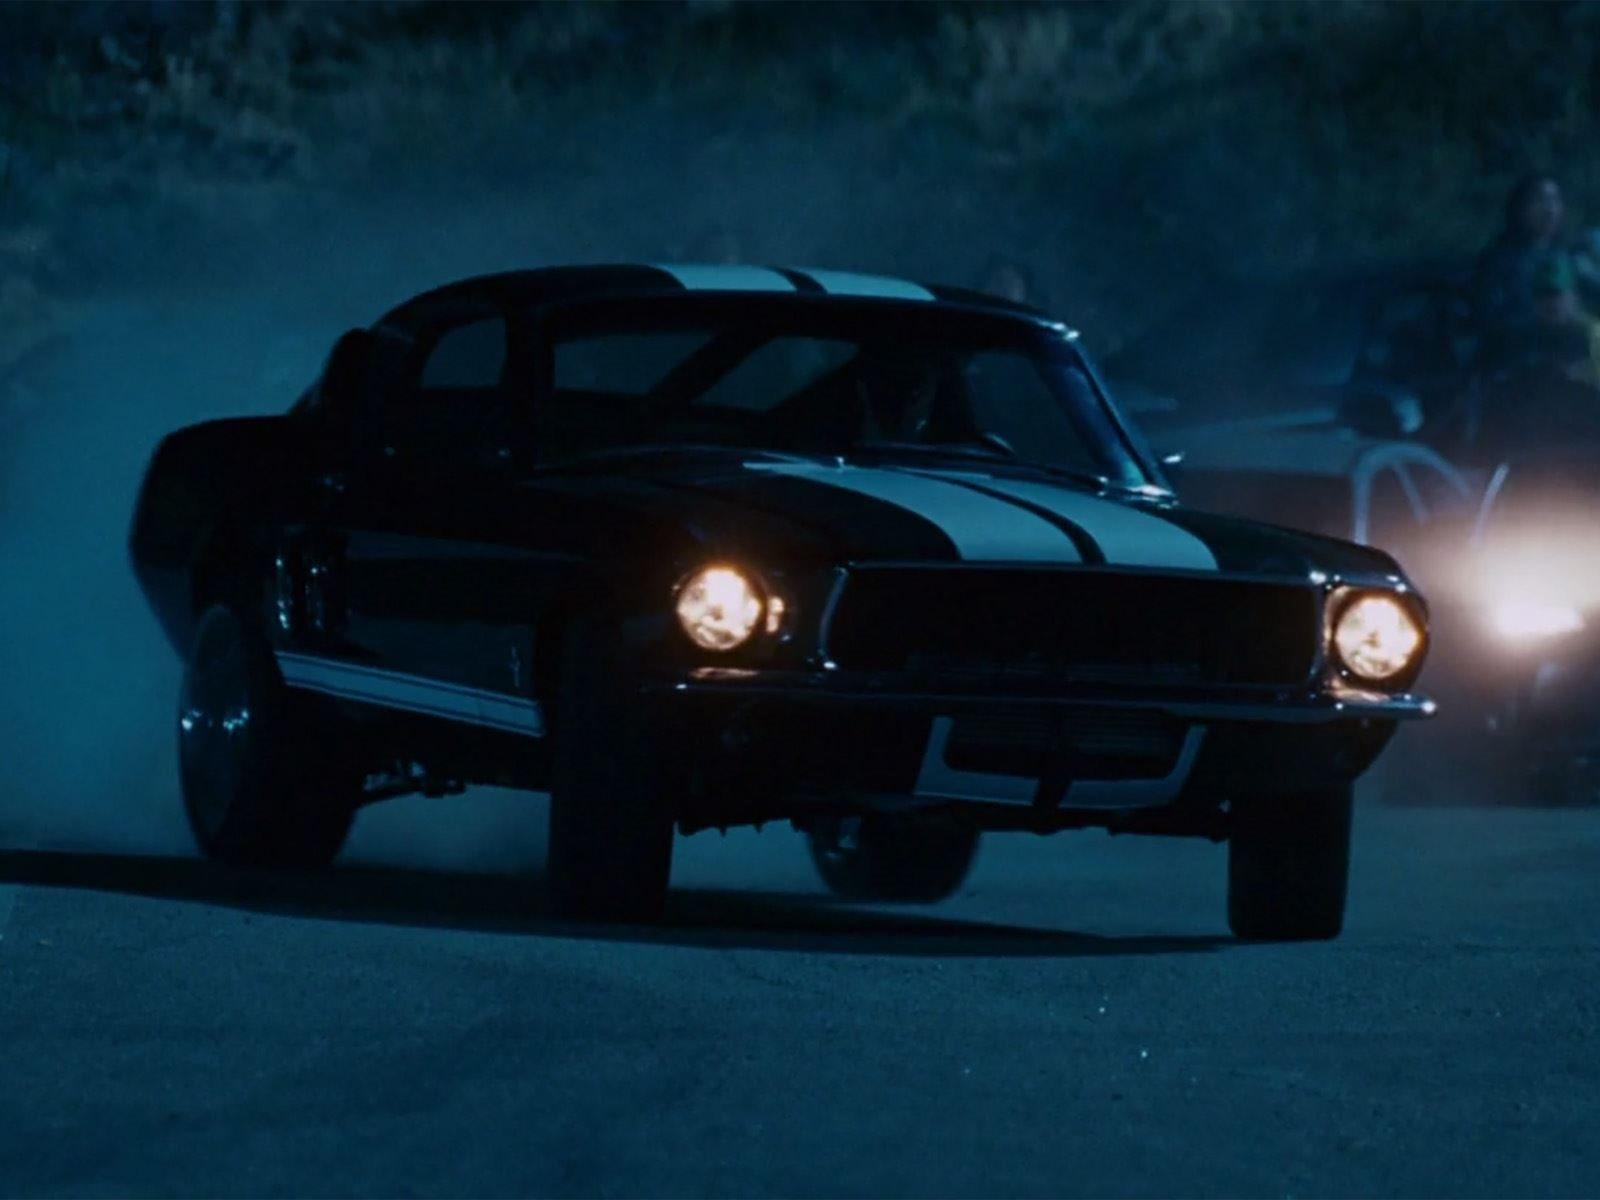 بإمكانك الآن امتلاك فورد موستنج 1967 بمحرك نيسان Gt R التي